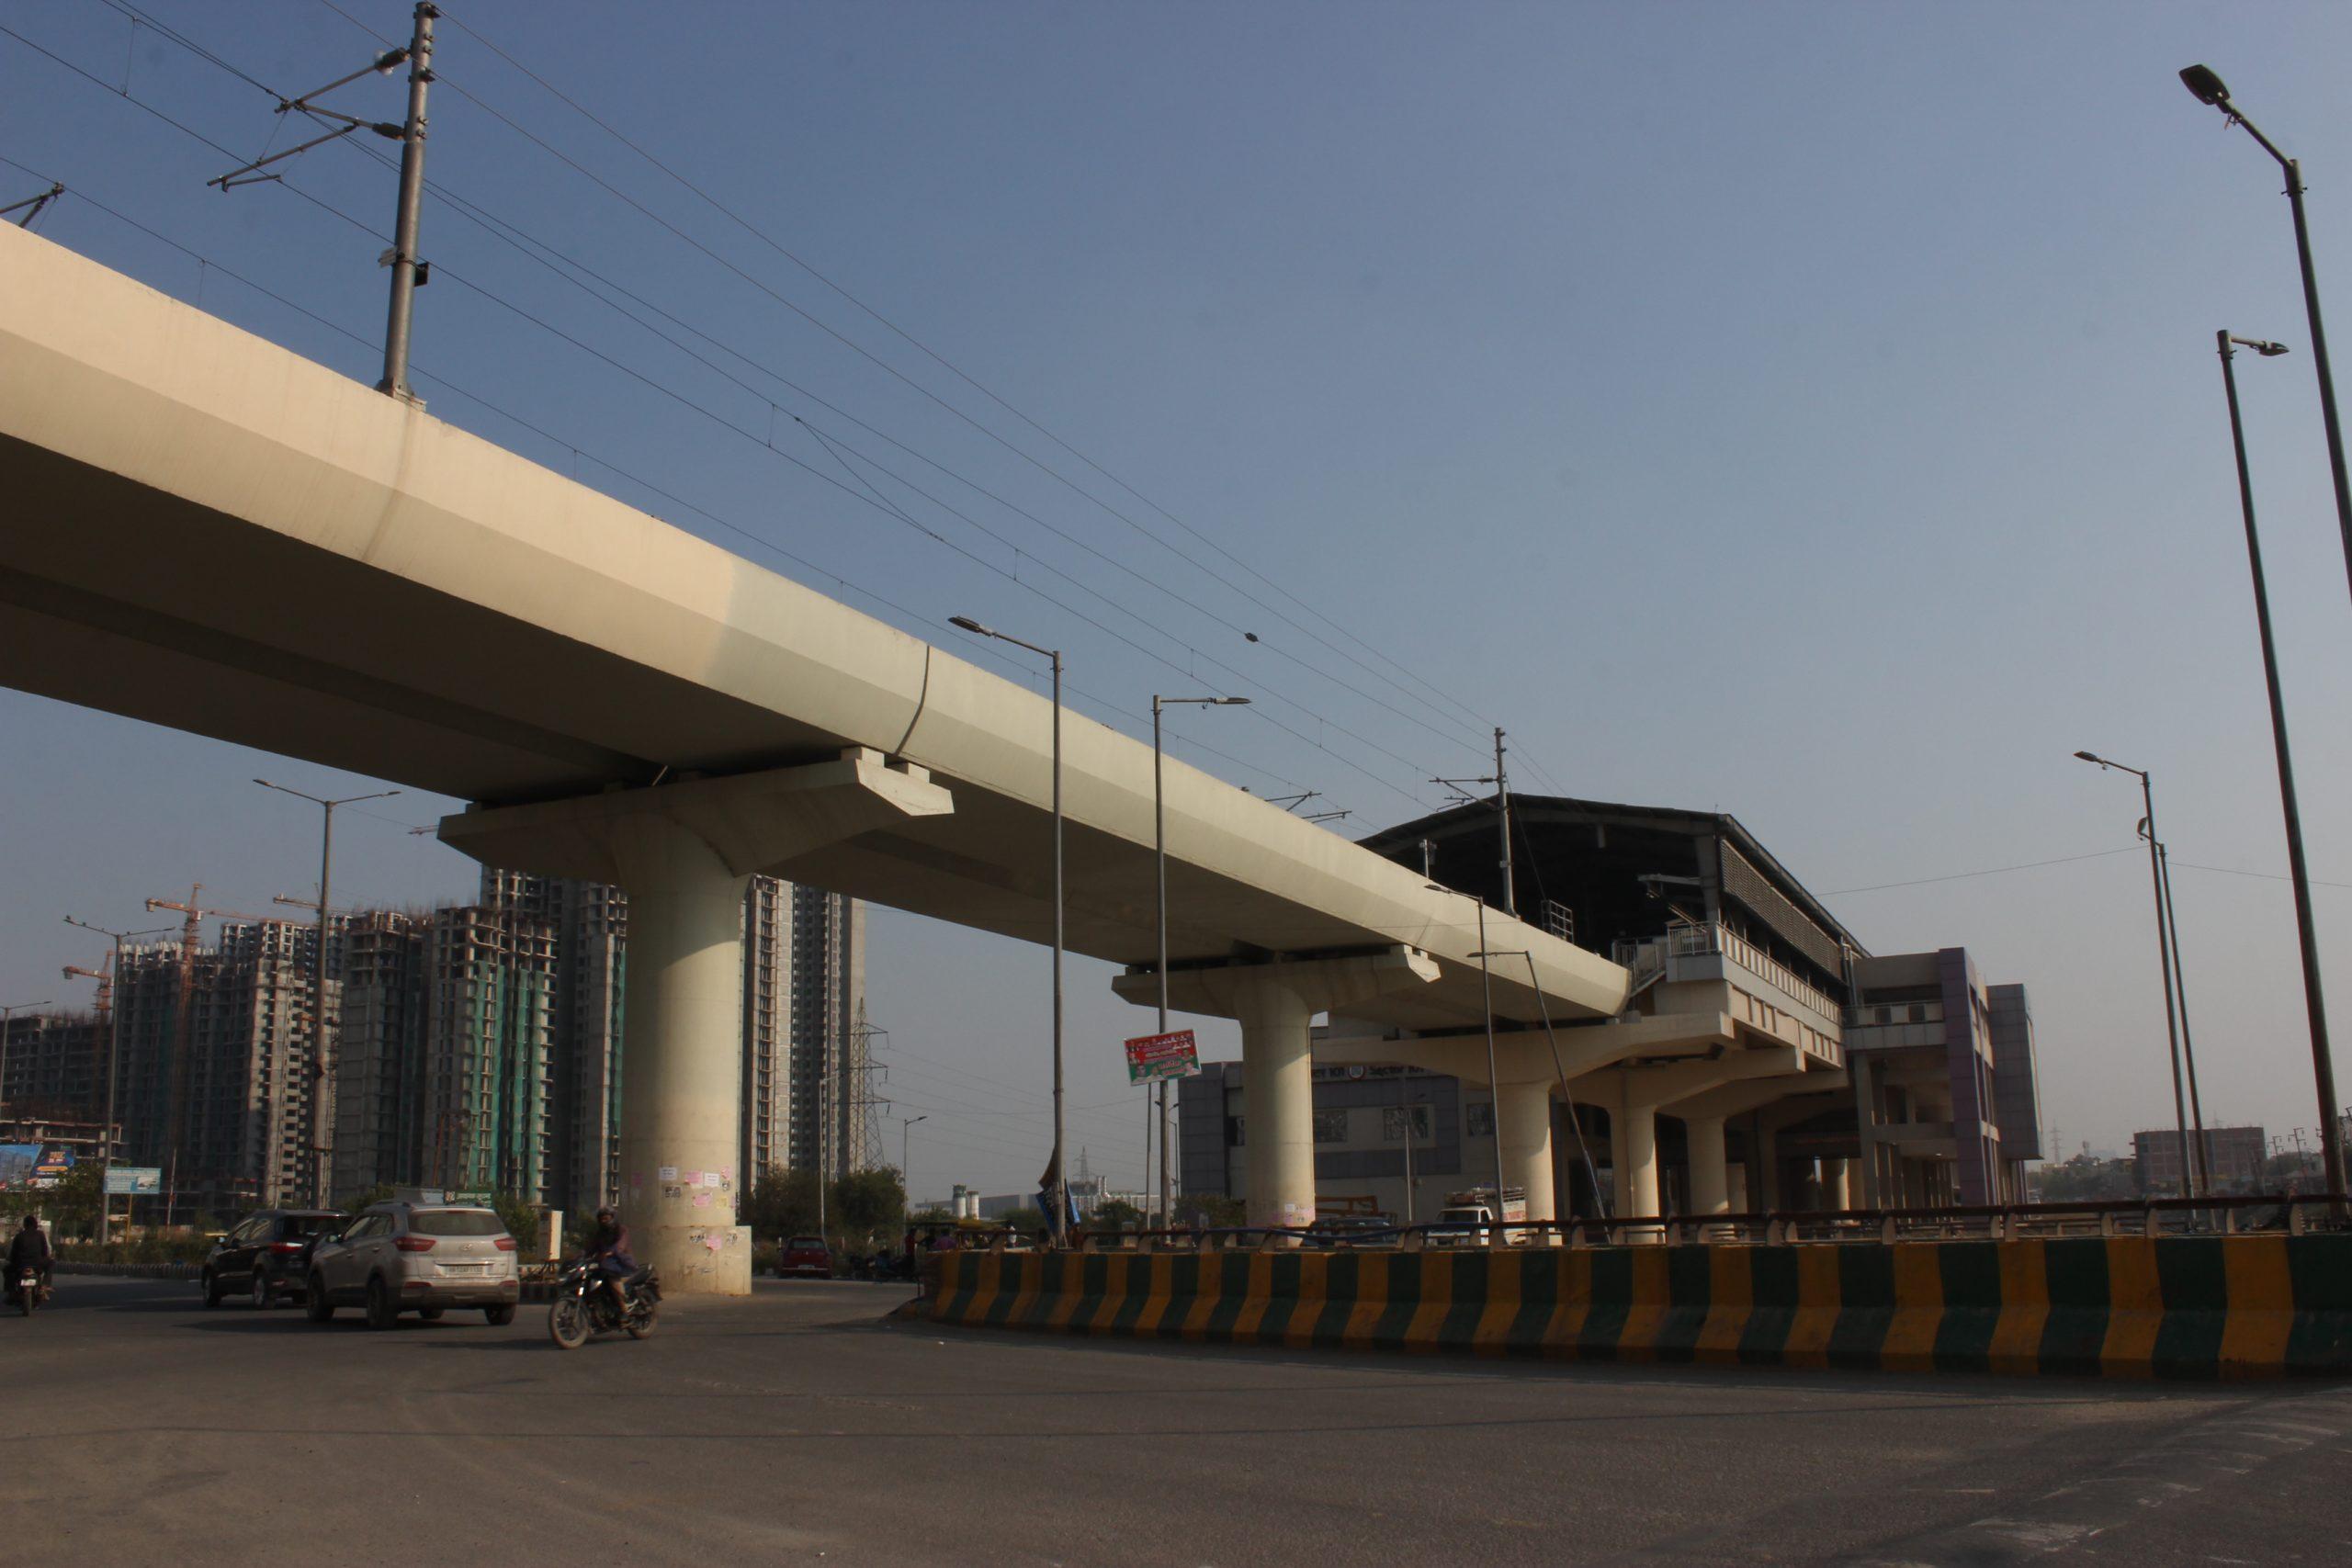 Traffic and metro bridge in Noida